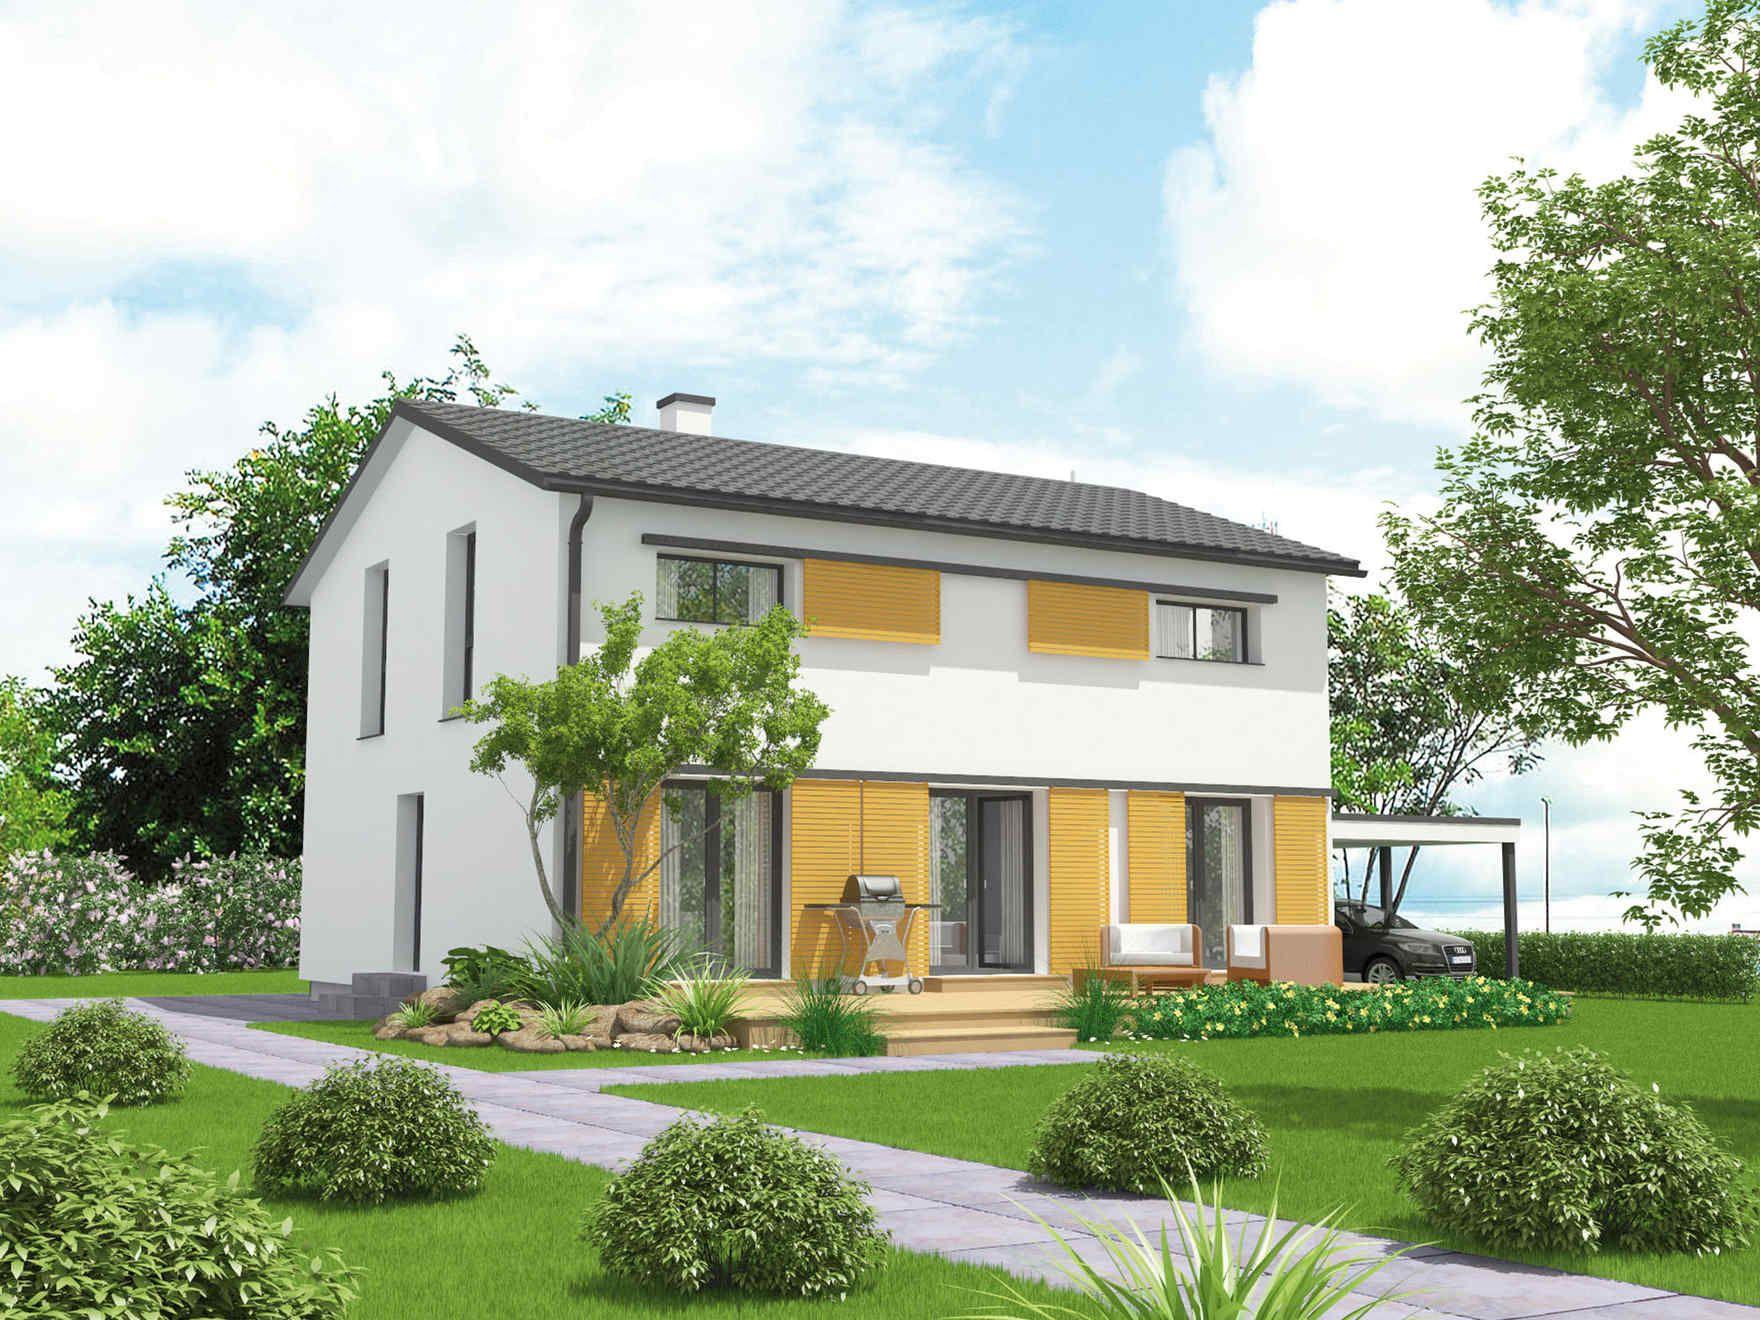 vario haus novum gibtdemlebeneinzuhause einfamilienhaus fertighaus fertigteilhaus. Black Bedroom Furniture Sets. Home Design Ideas